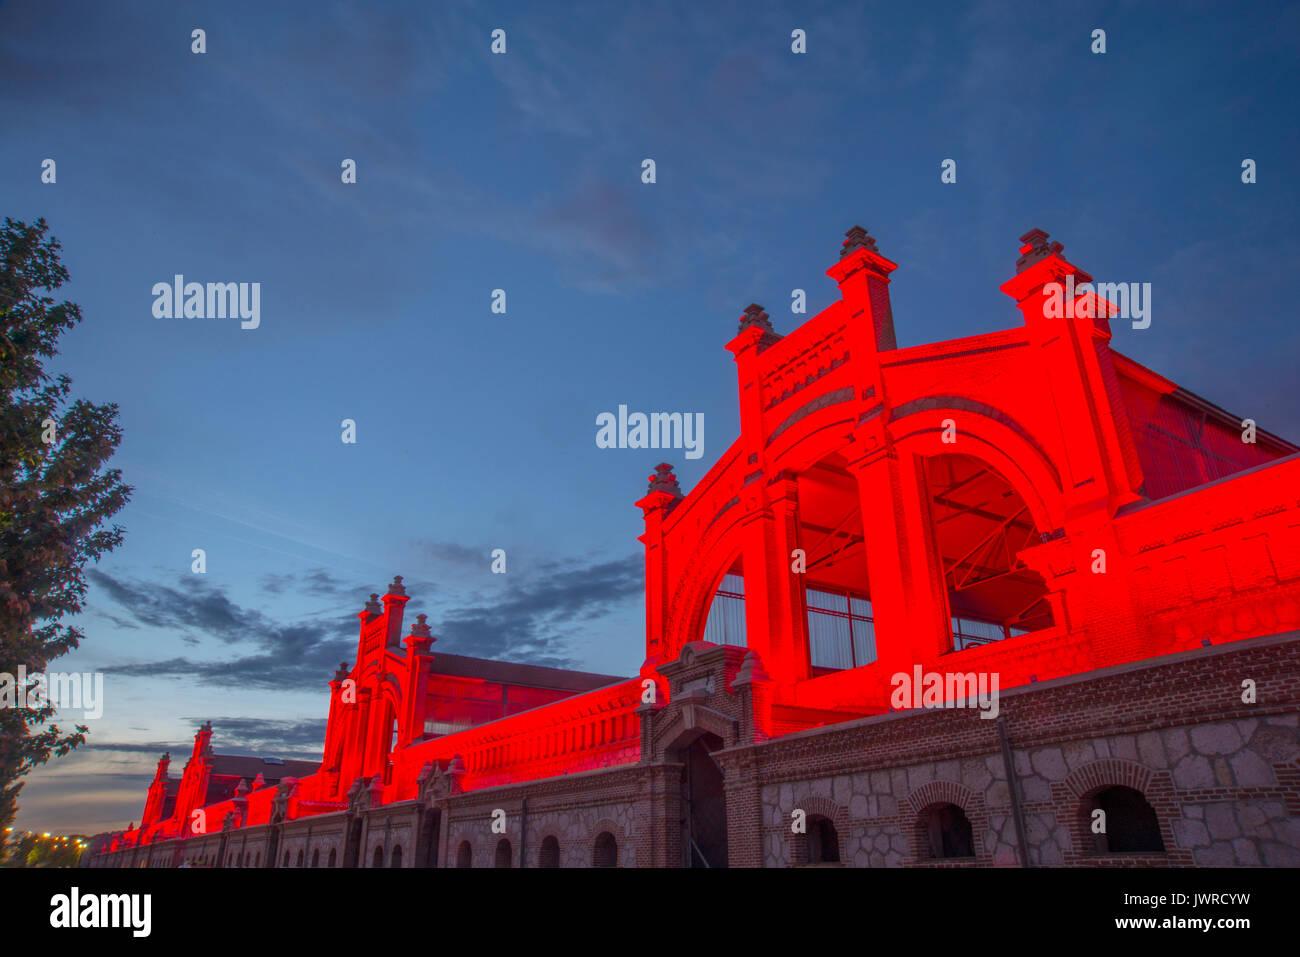 Matadero de edificios, la vista de noche. Arganzuela, Madrid, España. Foto de stock